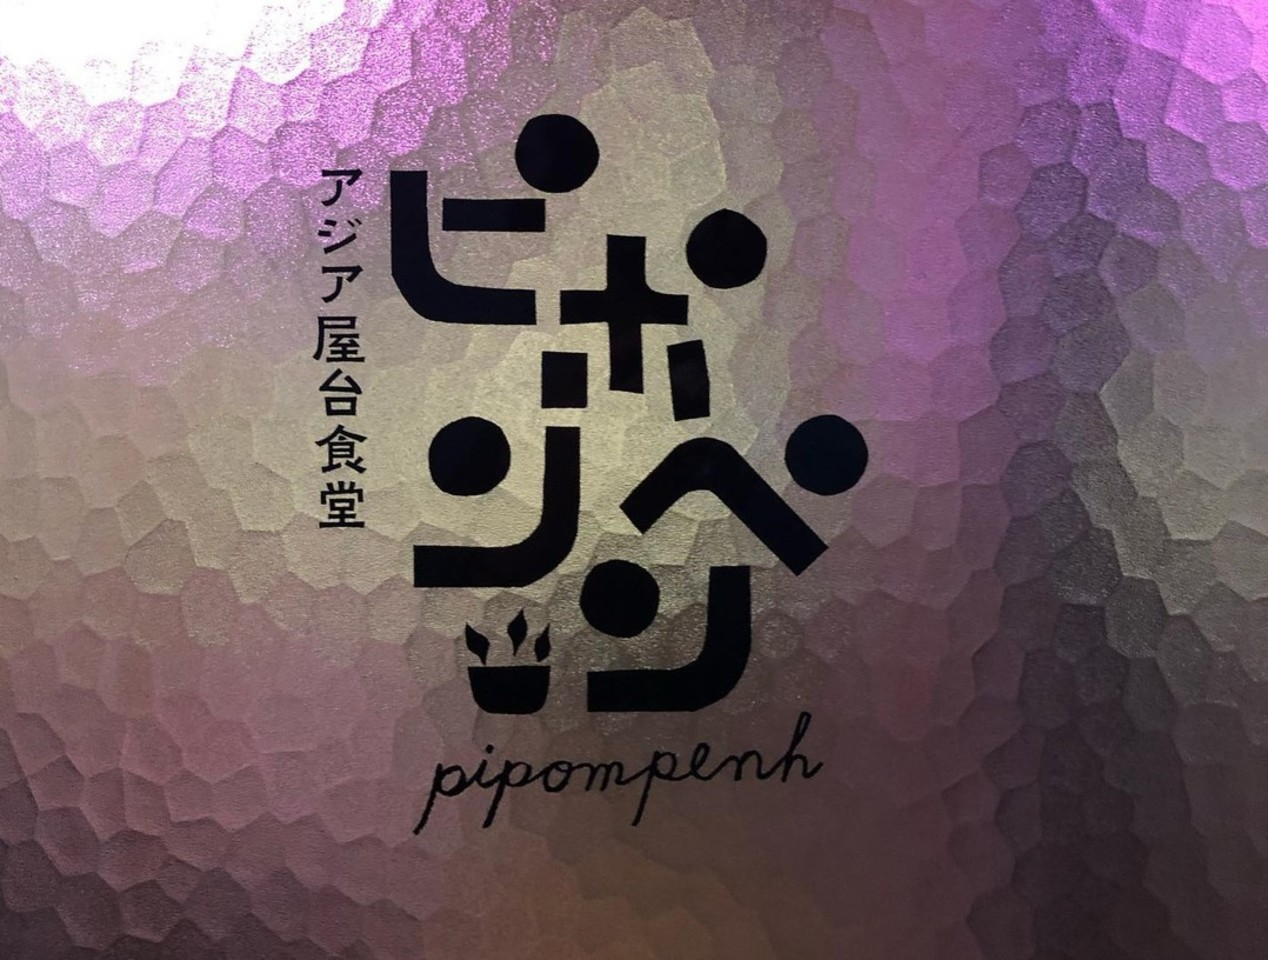 東京都渋谷区神山町にアジア屋台食堂「ピポンペン」が本日オープンされたようです。